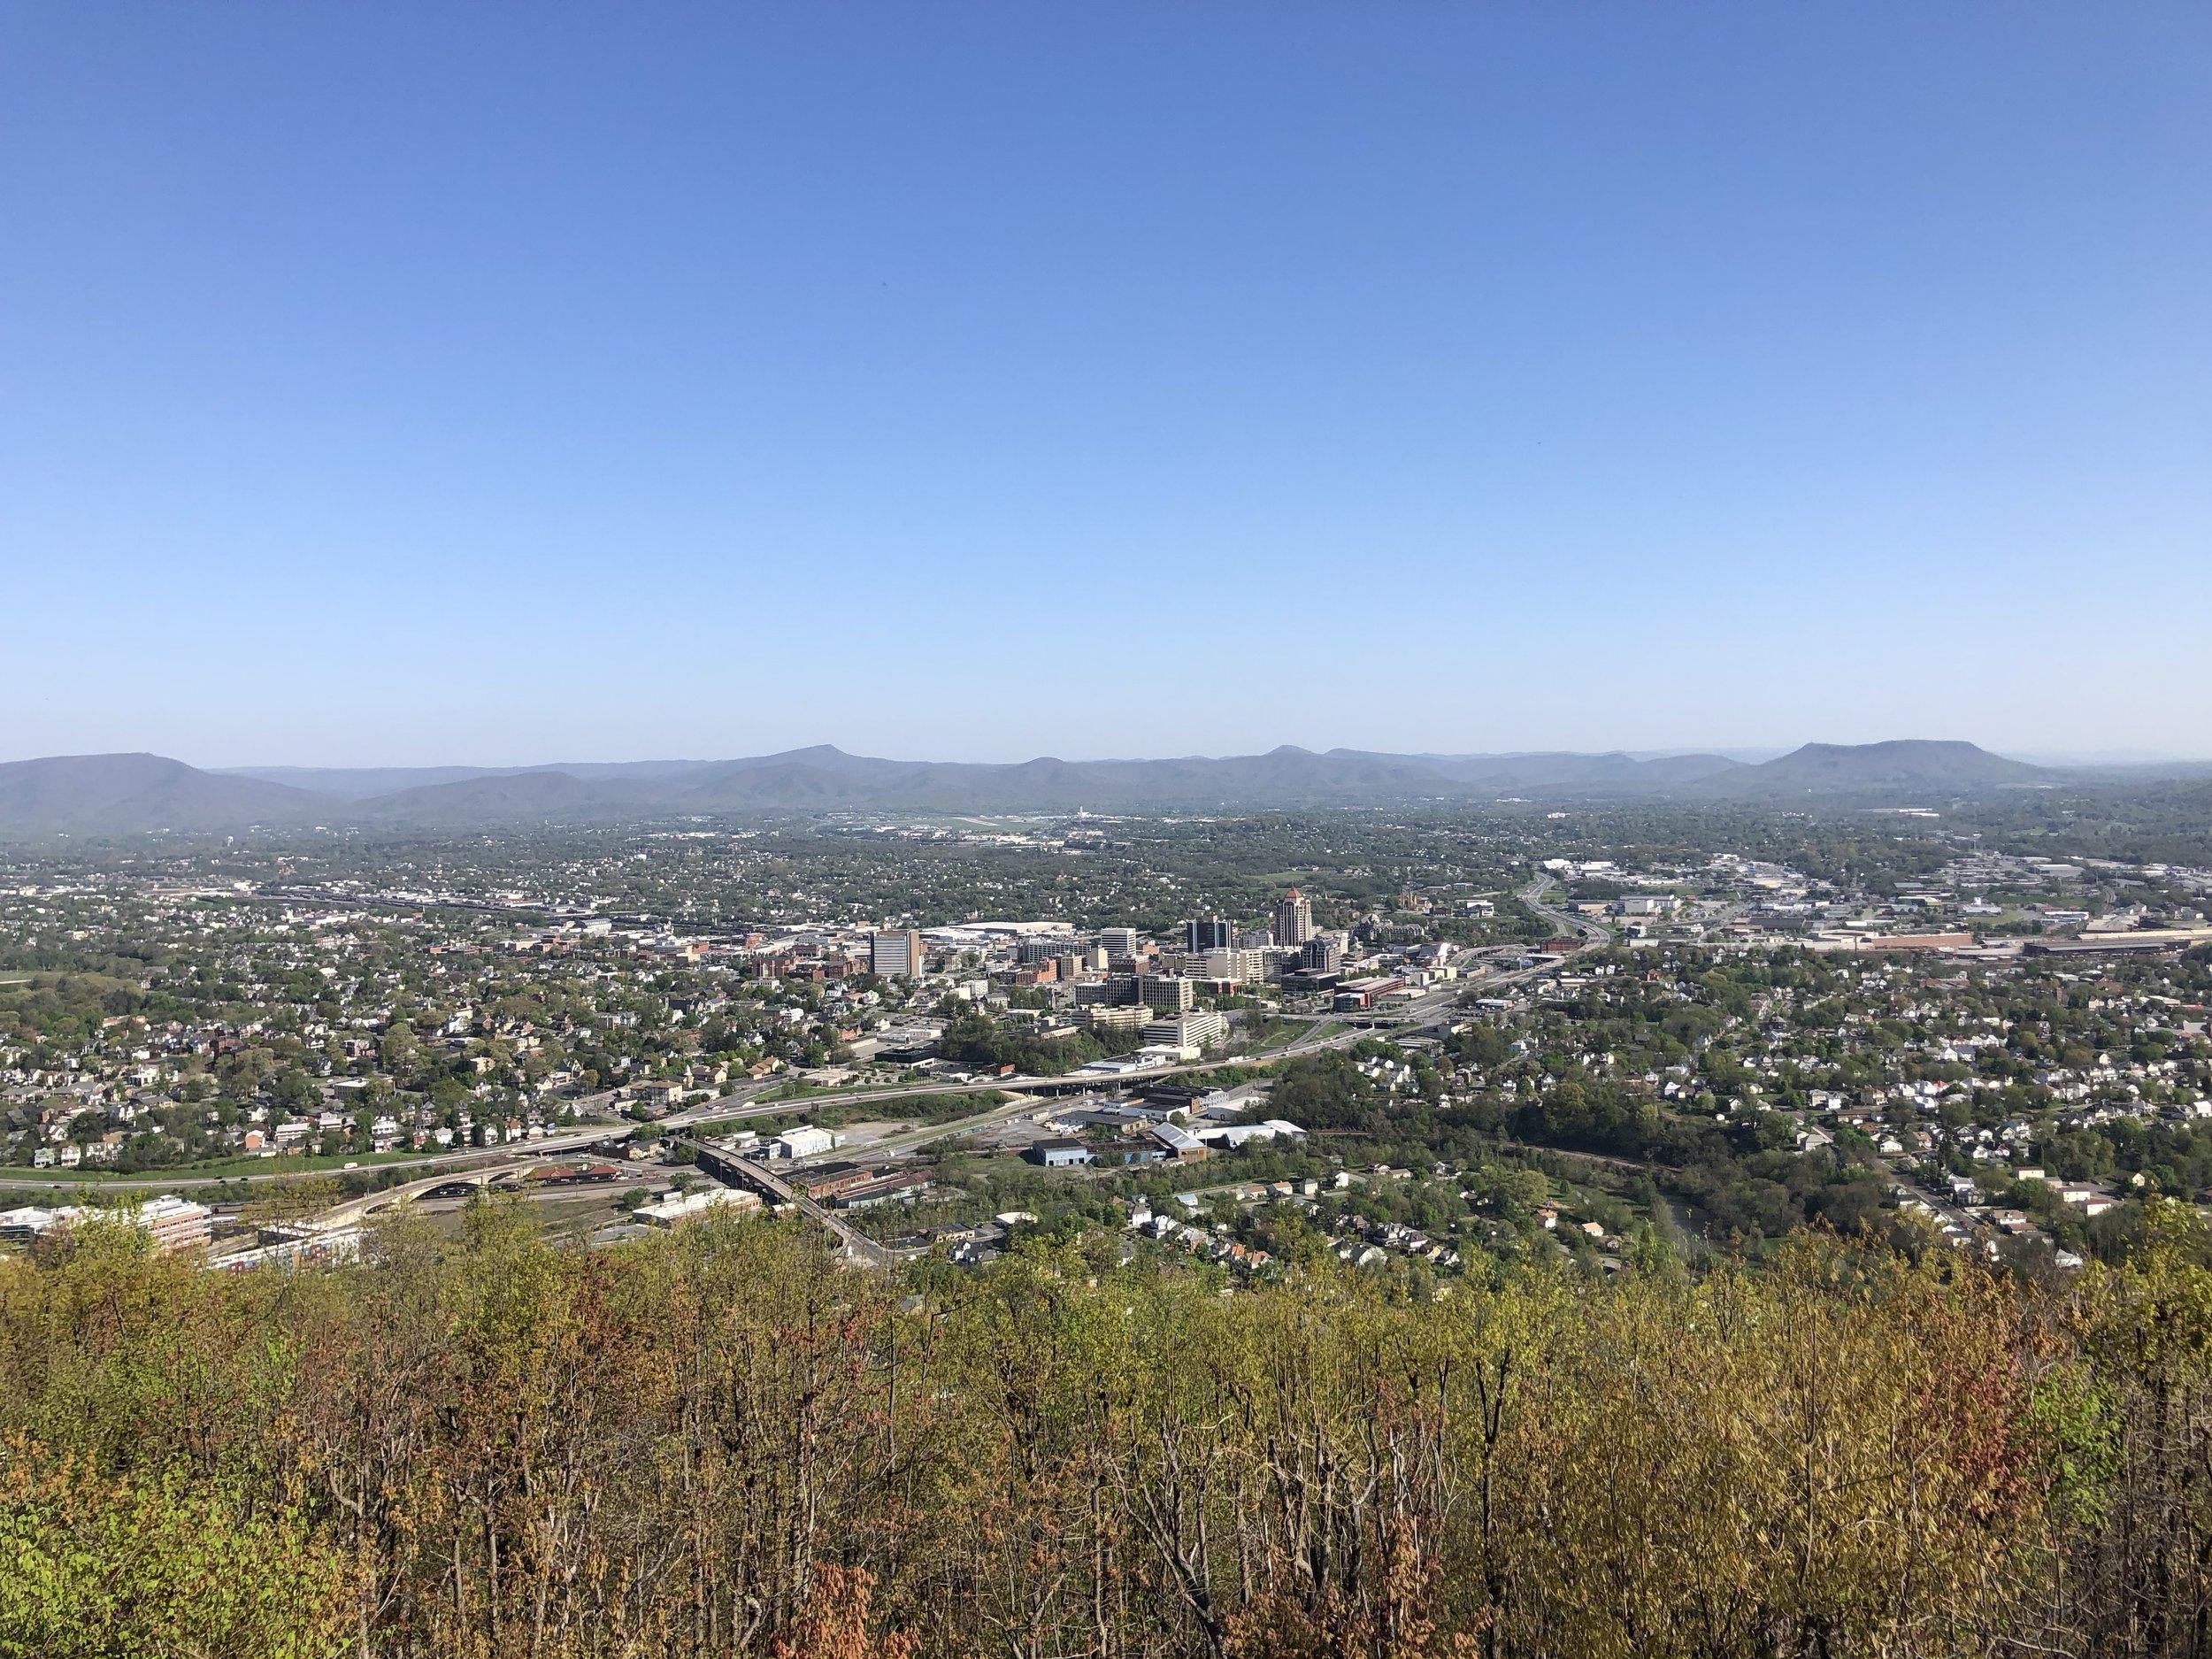 Roanoke Star View